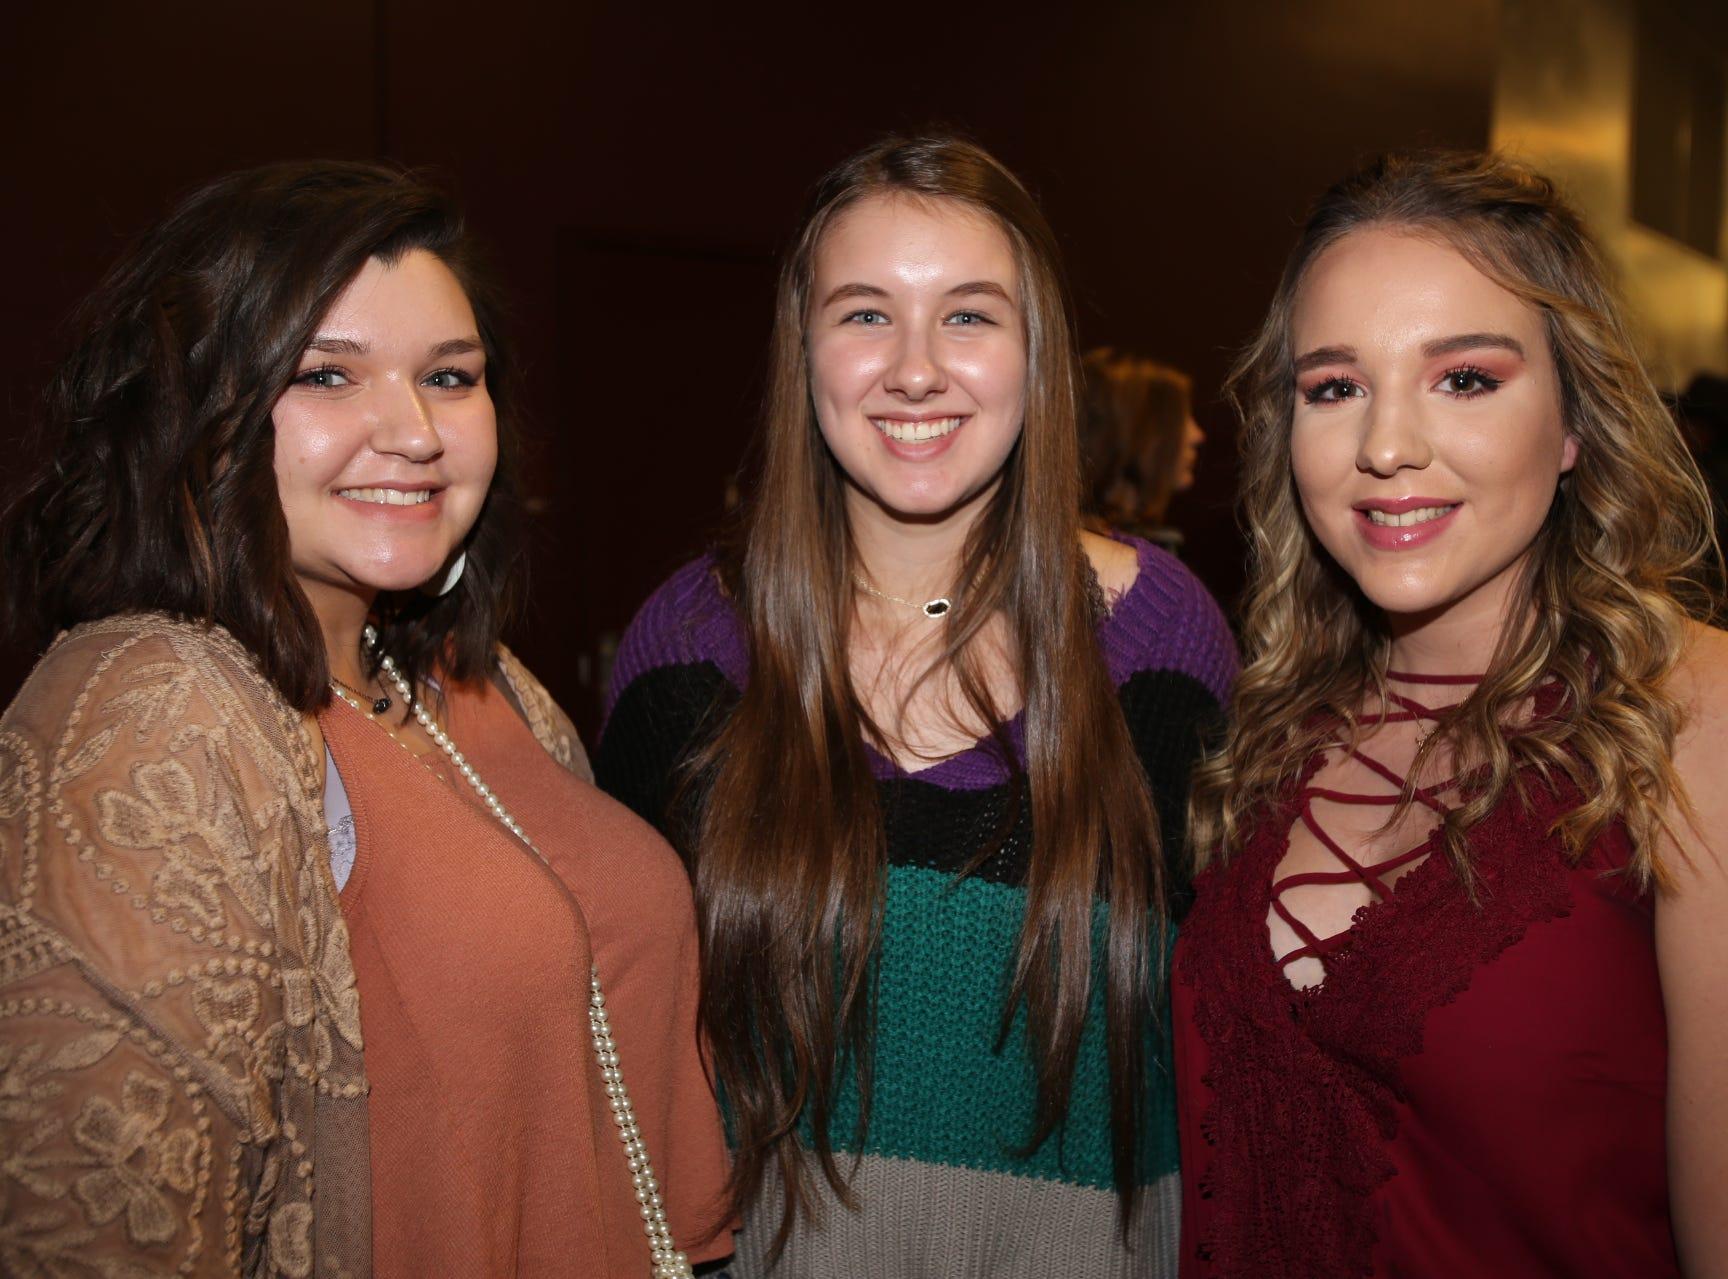 Kelina Coleman, Lolly Sheldon, and Baylee Watts